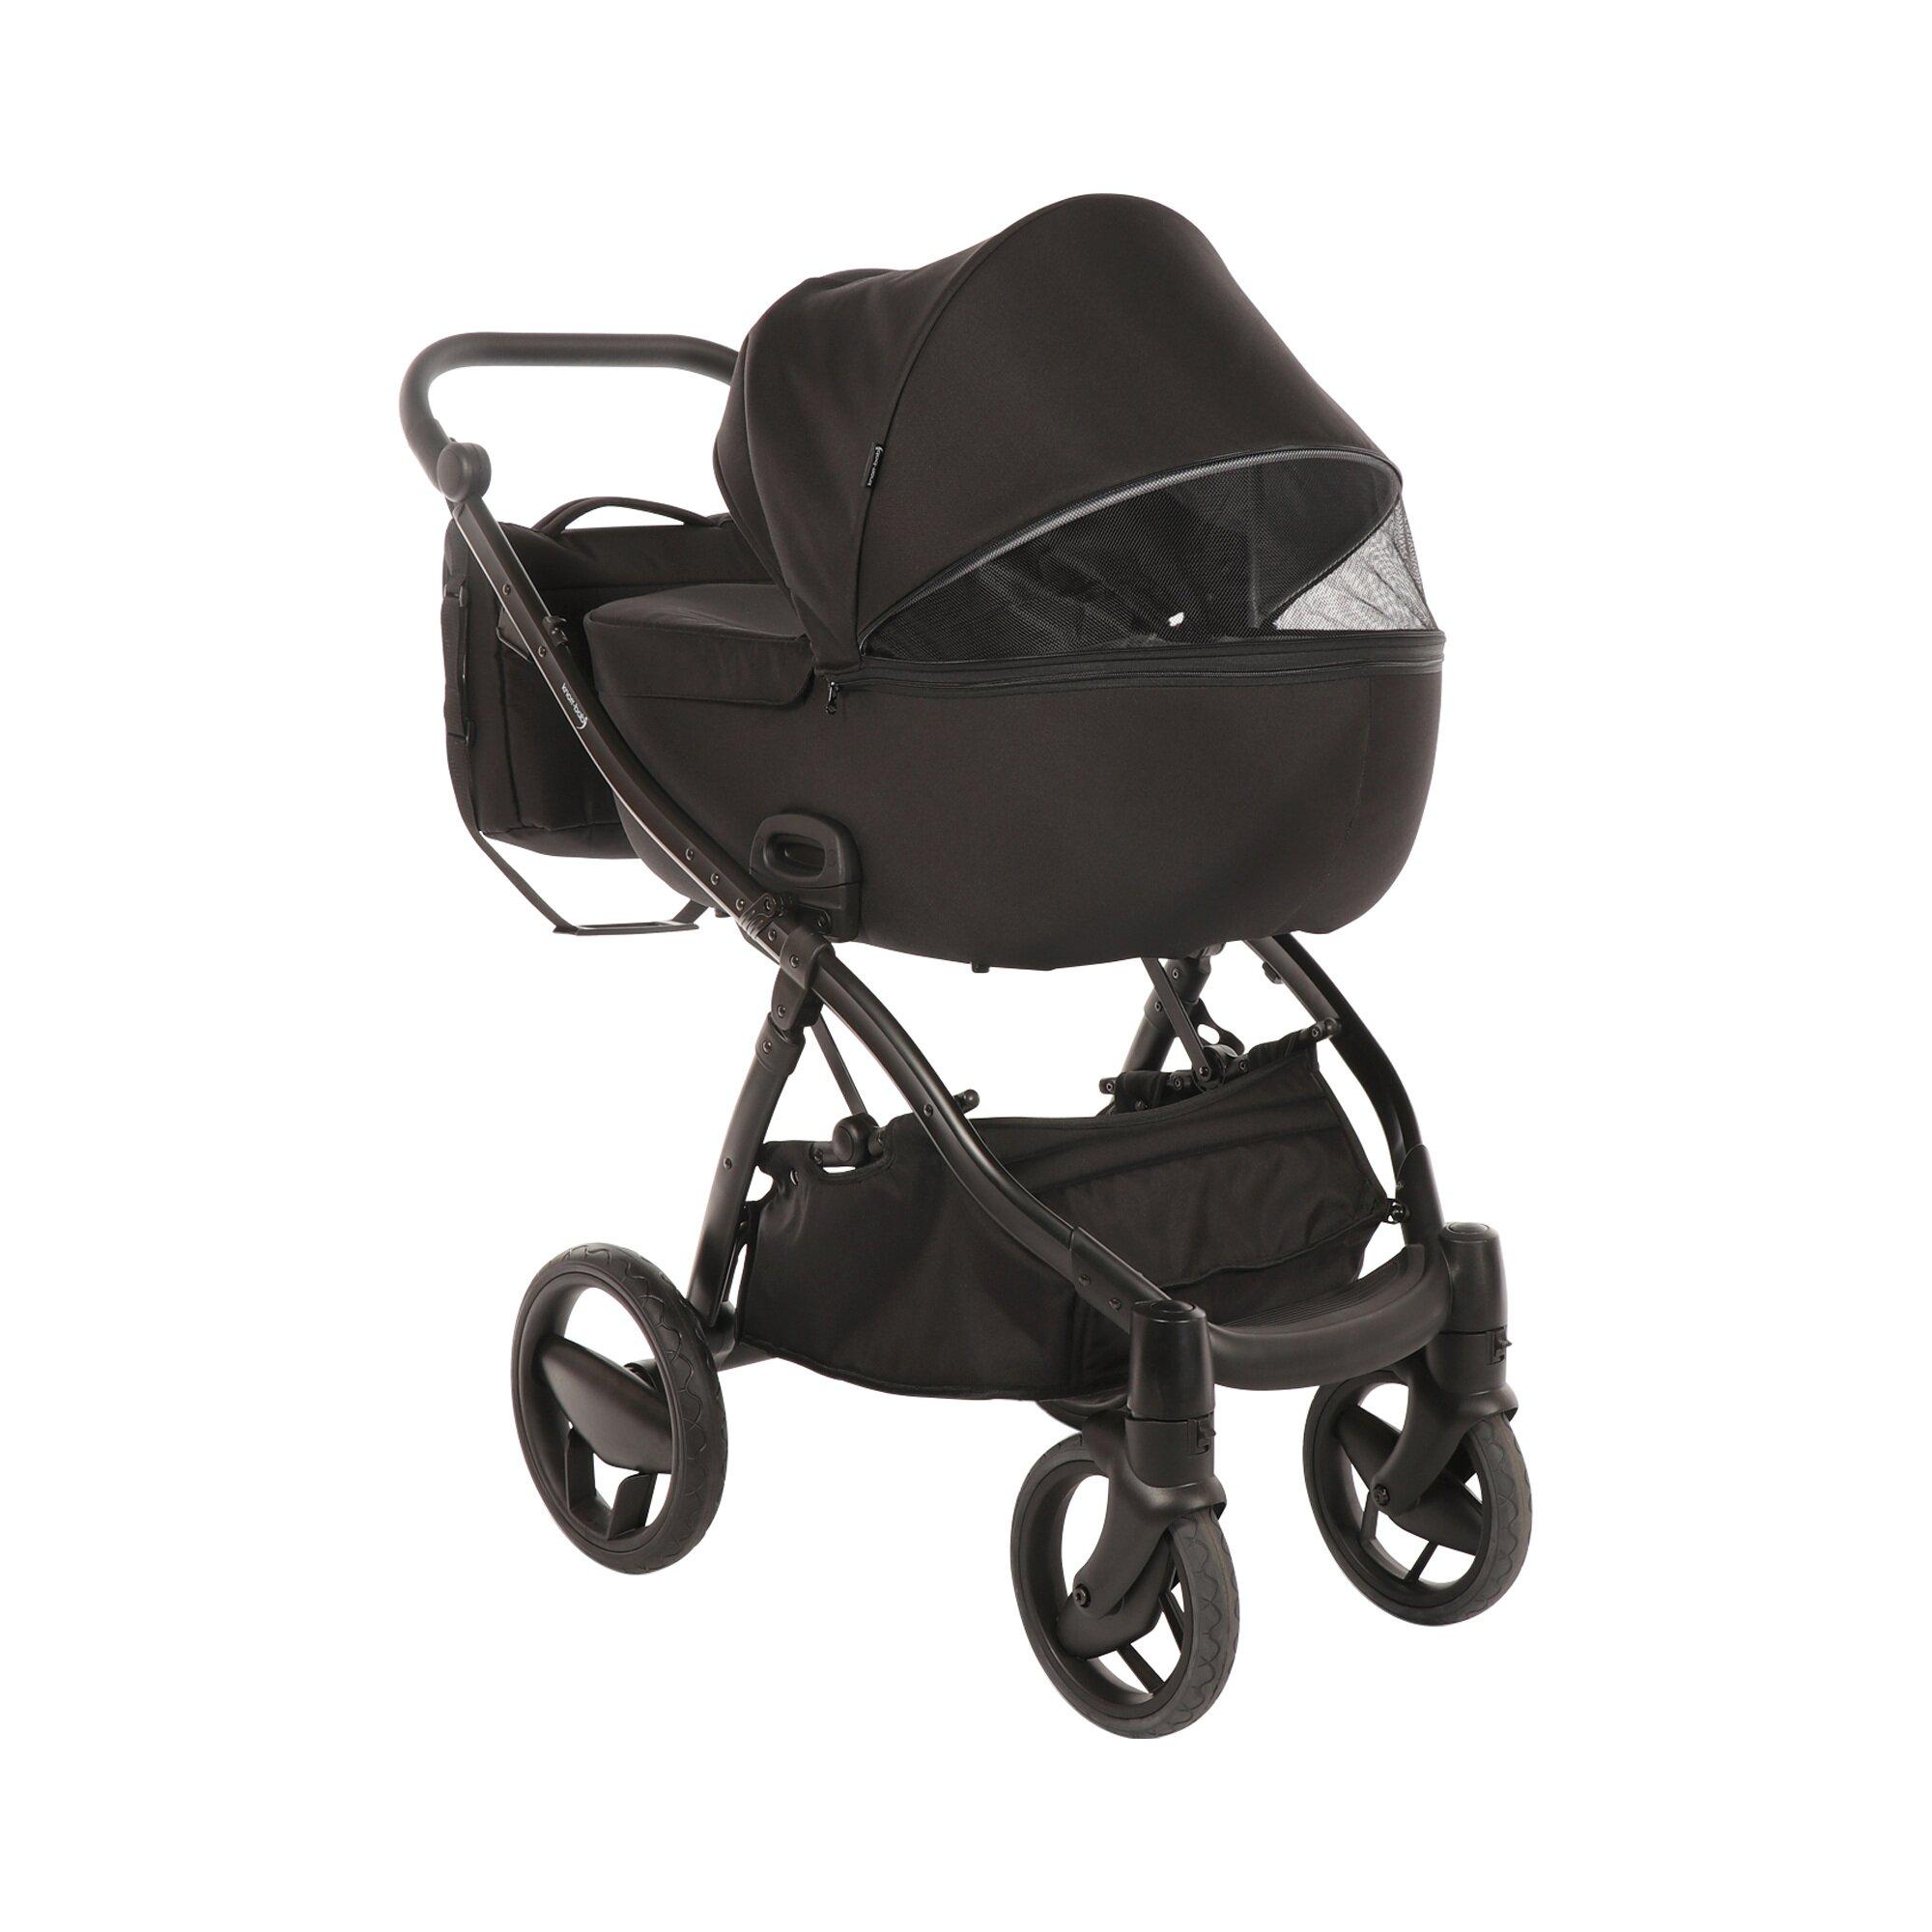 knorr-baby-piquetto-uni-kombikinderwagen-schwarz